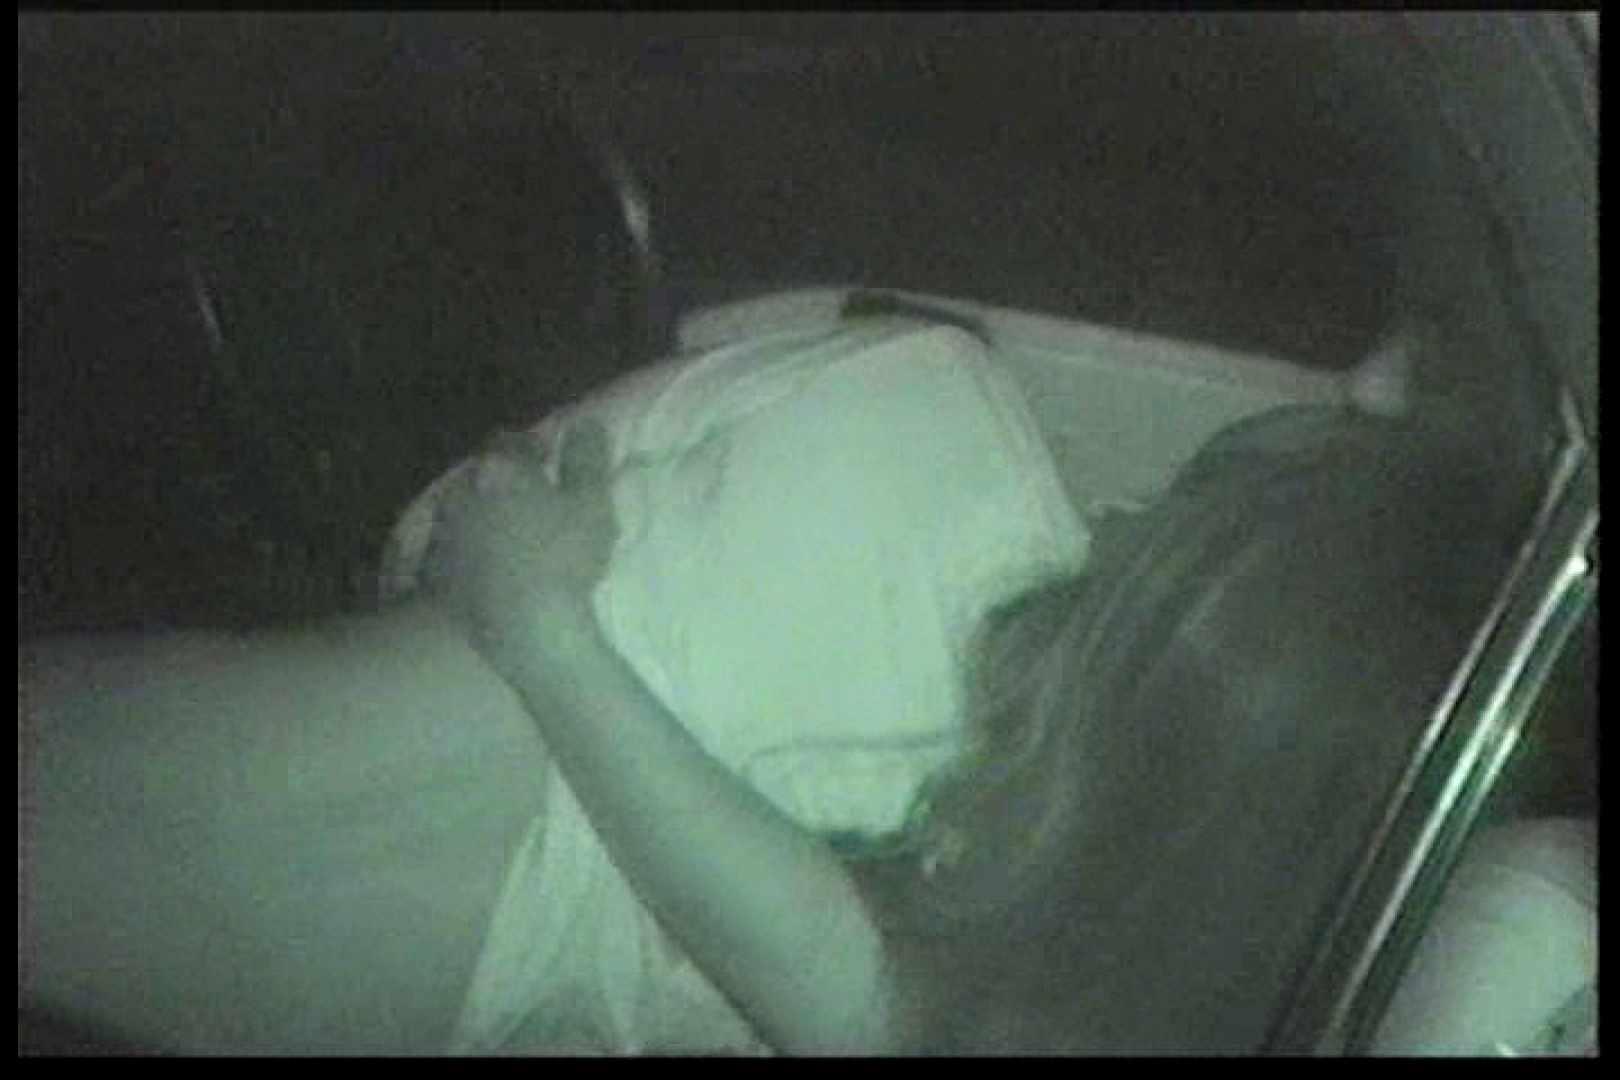 カーセックス未編集・無修正版 Vol.8後編 カーセックス セックス画像 100pic 14